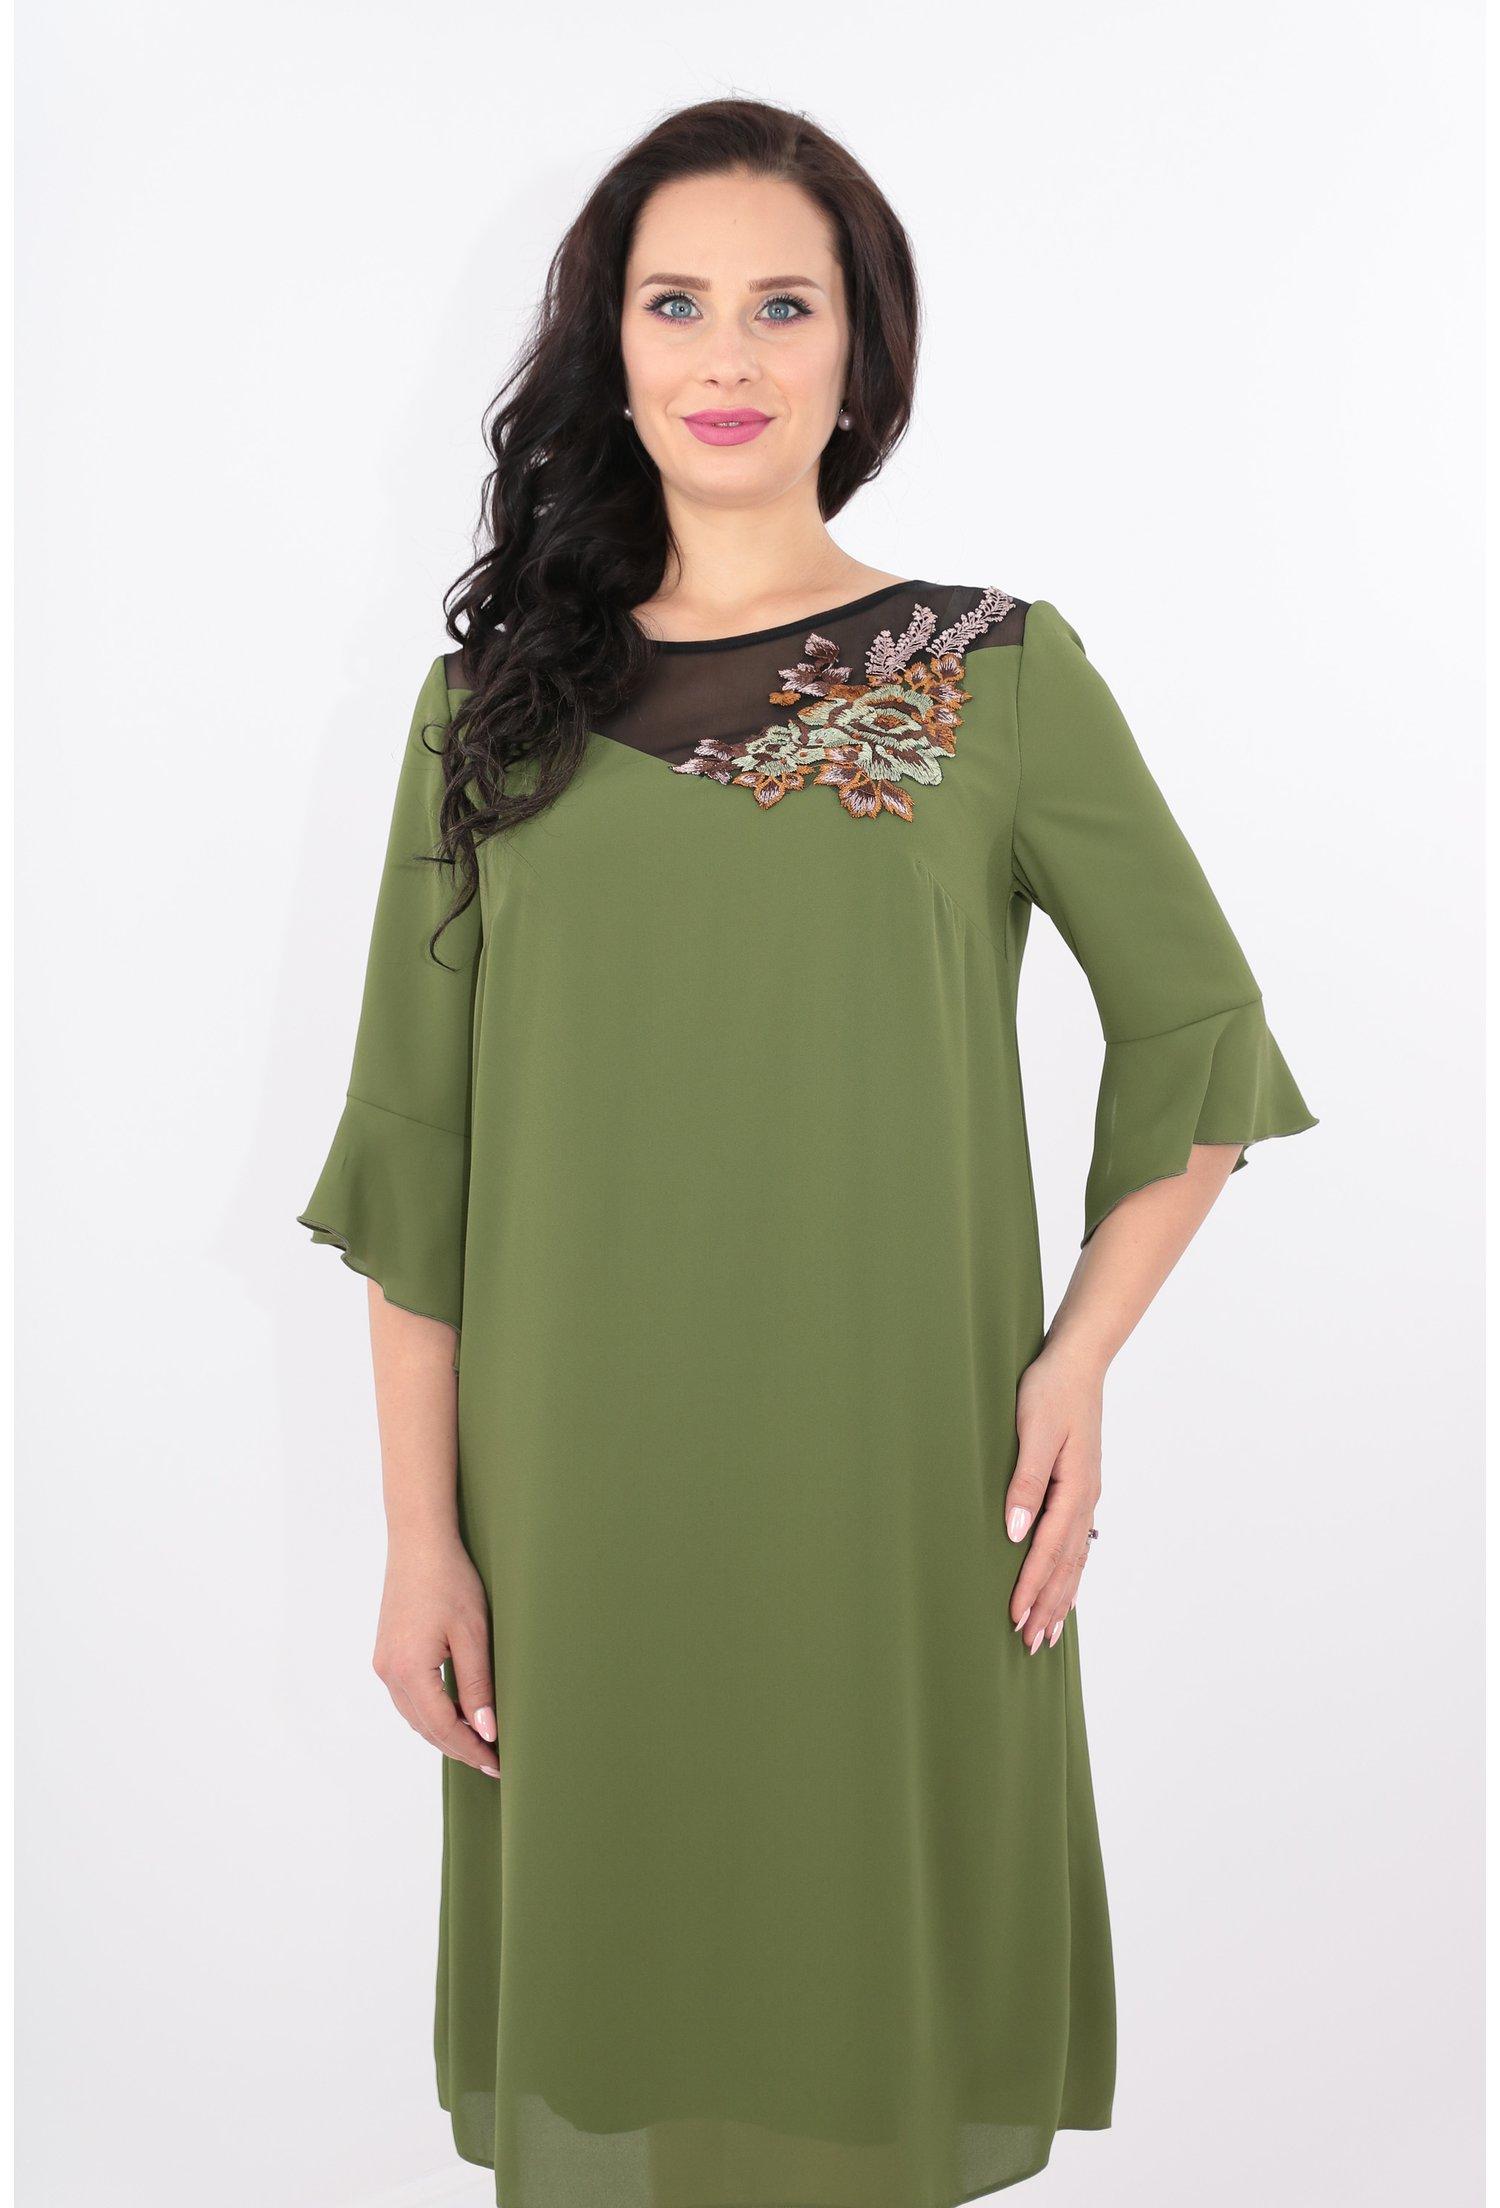 Rochie din voal verde-olive cu broderie aplicata